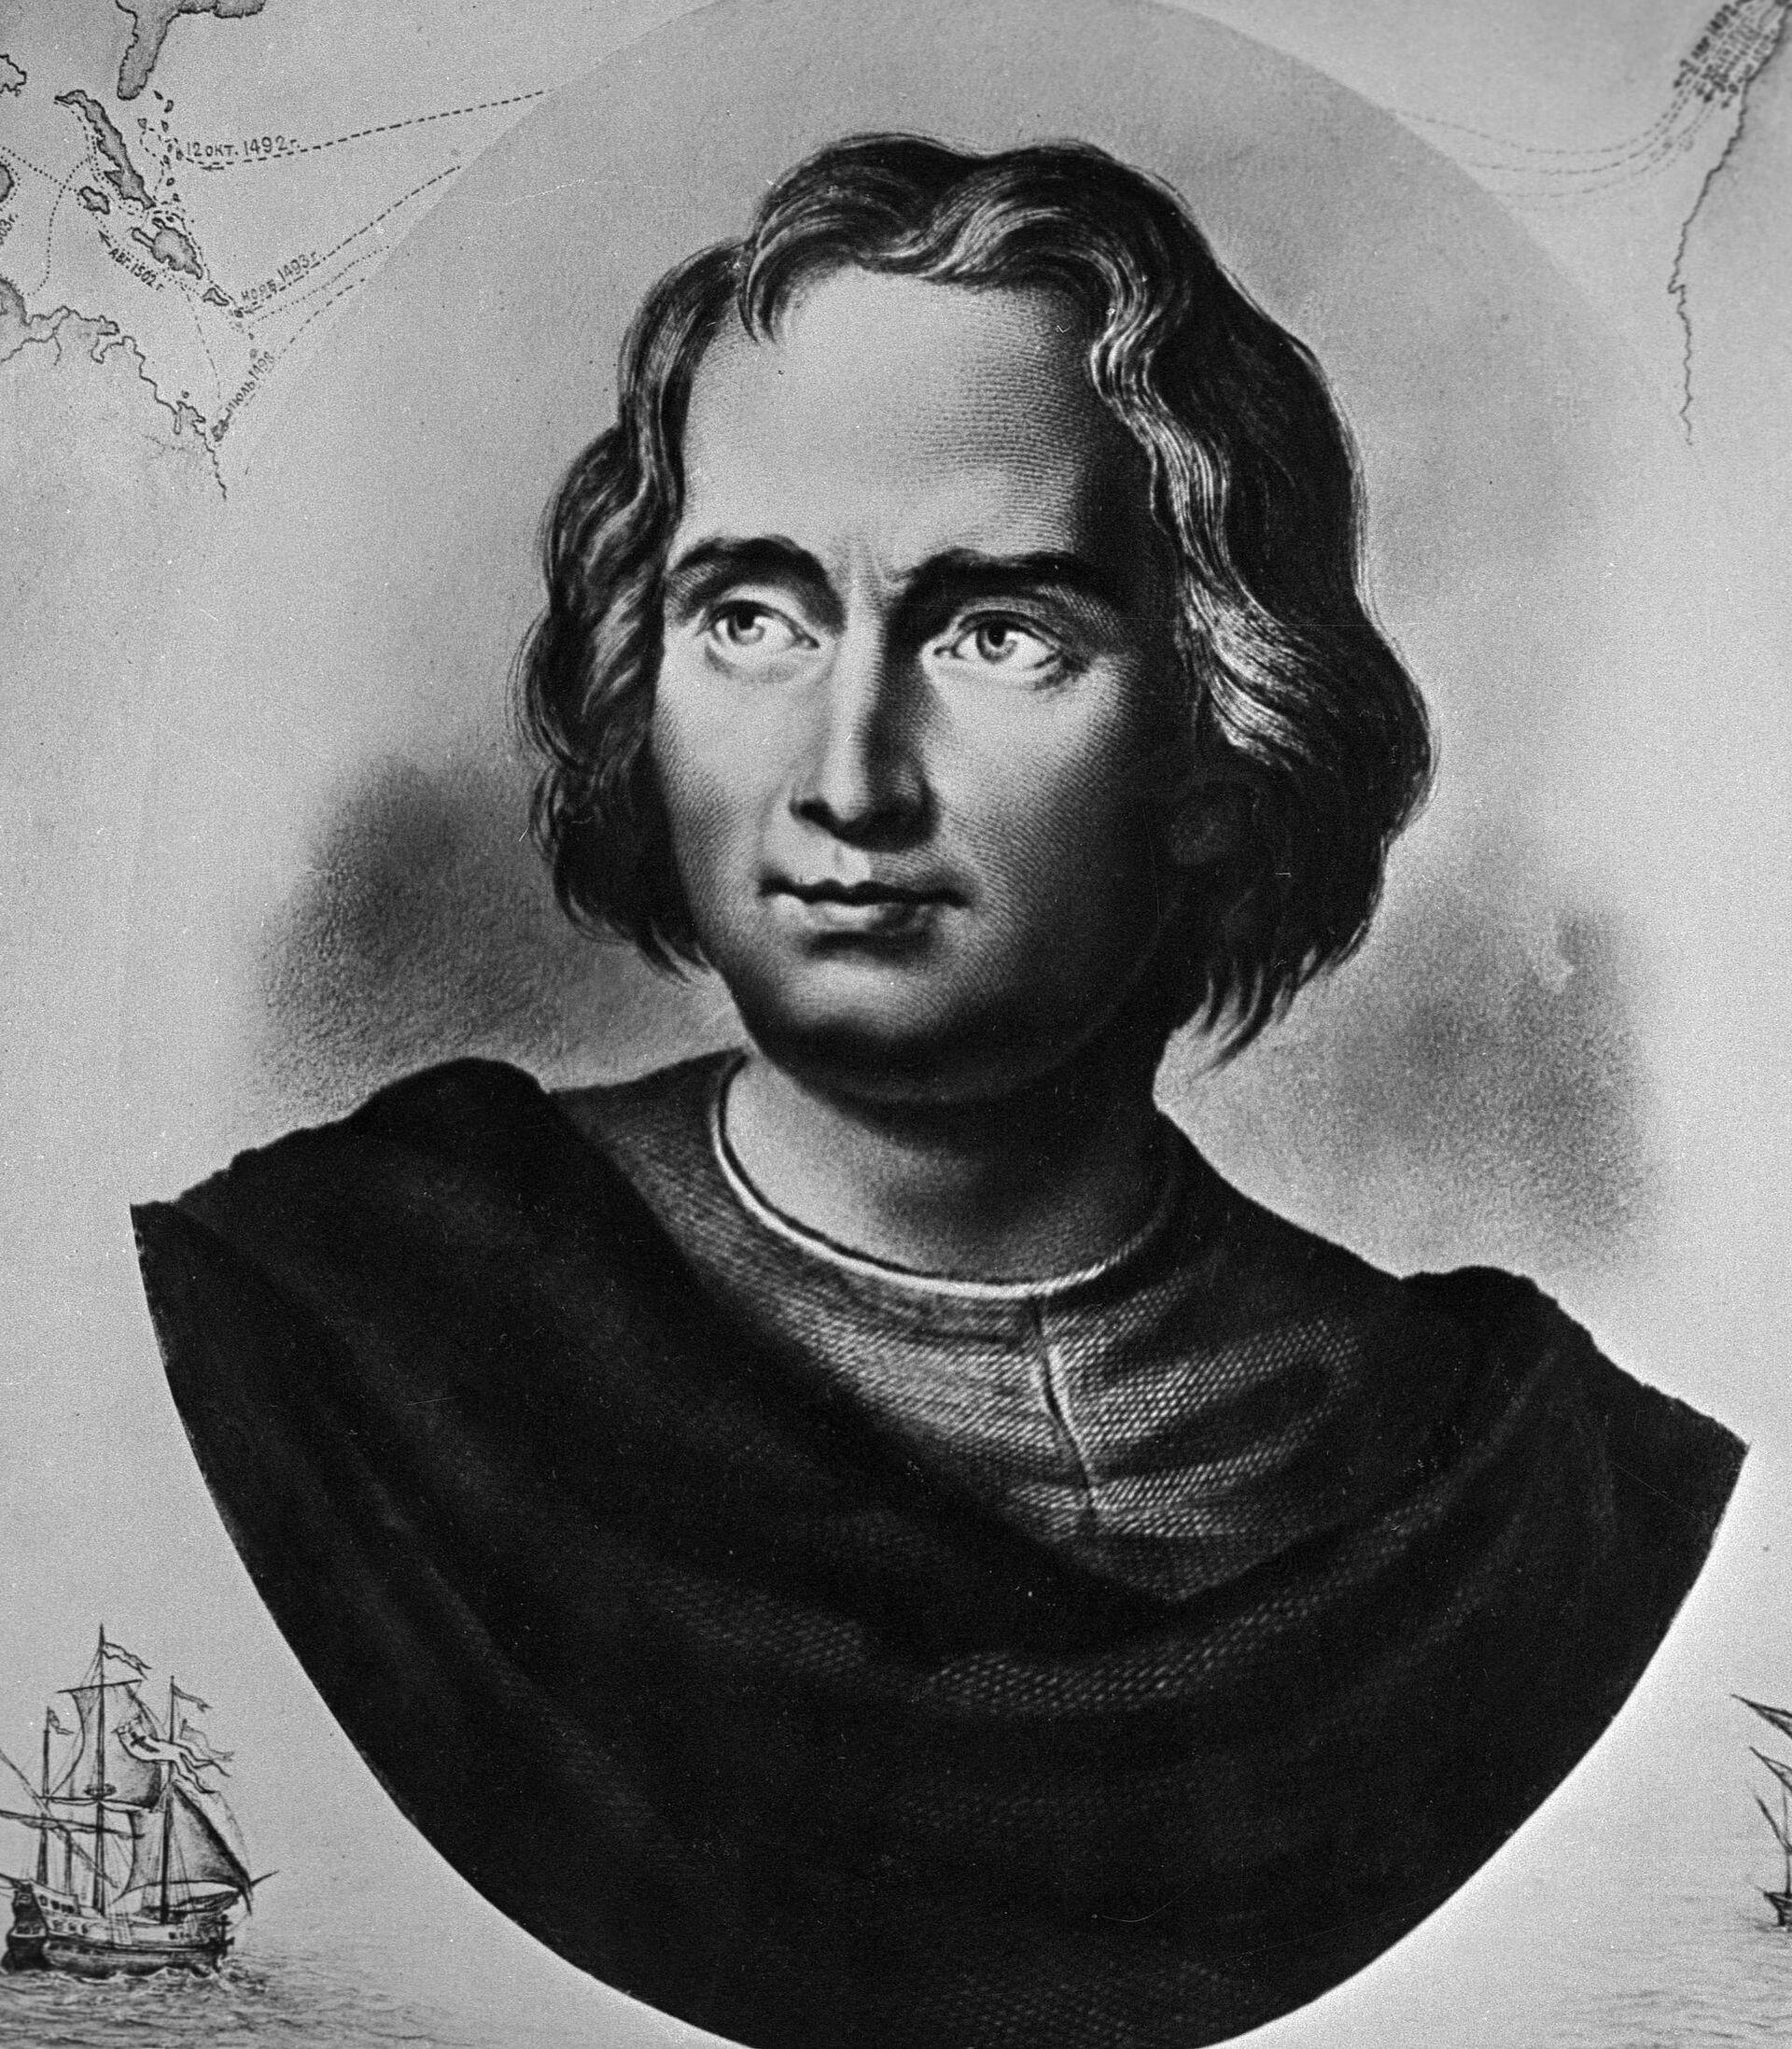 Мореплаватель Христофор Колумб (1446-1506) - испанский мореплаватель - Sputnik Южная Осетия, 1920, 26.10.2021